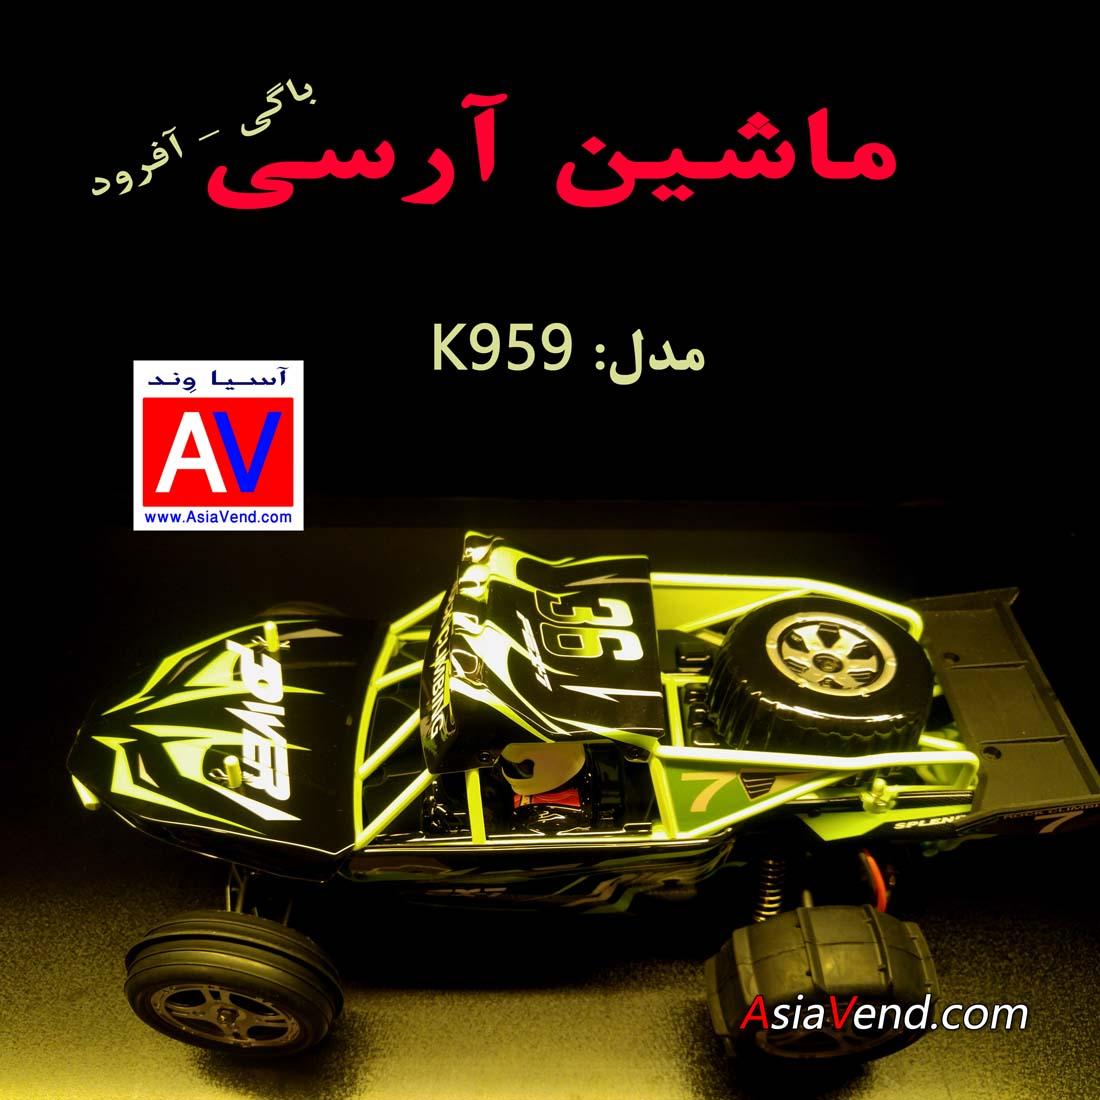 قیمت فروش ماشین کنترلی شارژی ماشین رادیو کنترلی K959